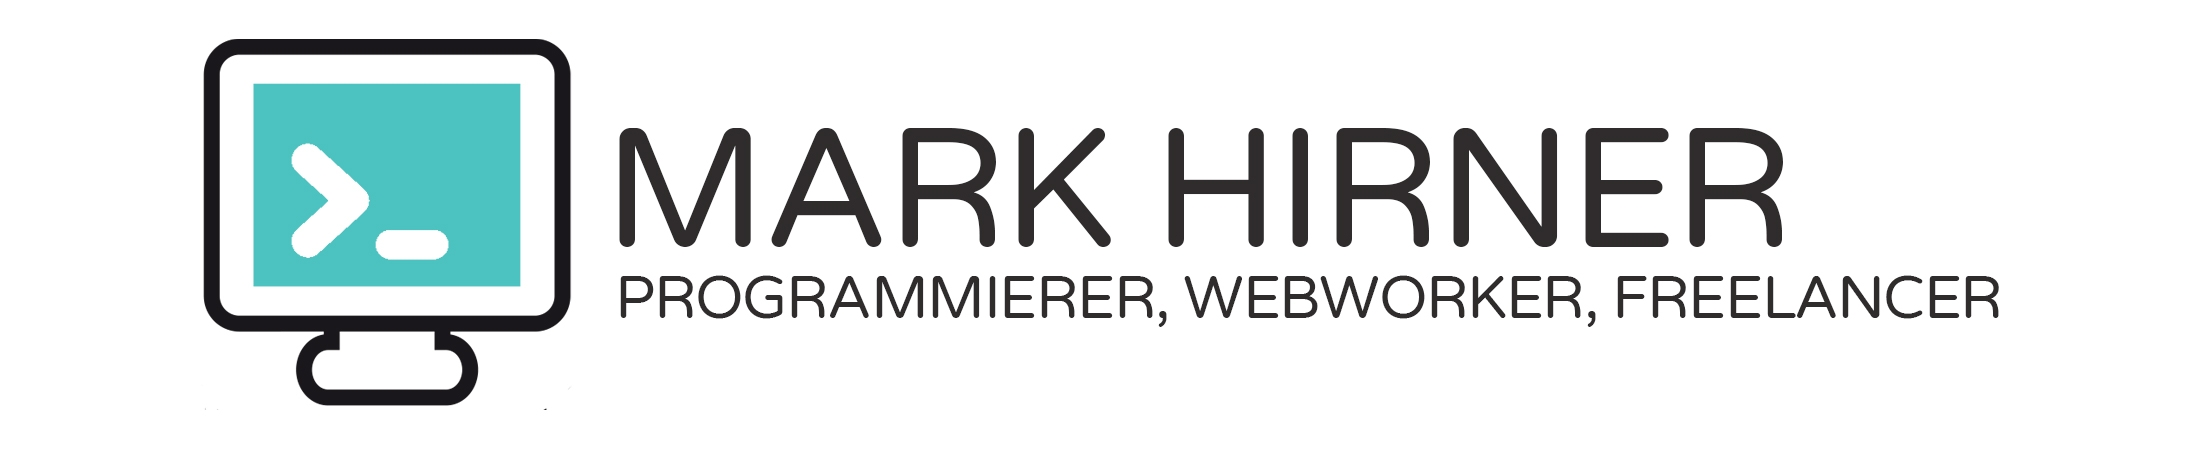 Mark Hirner